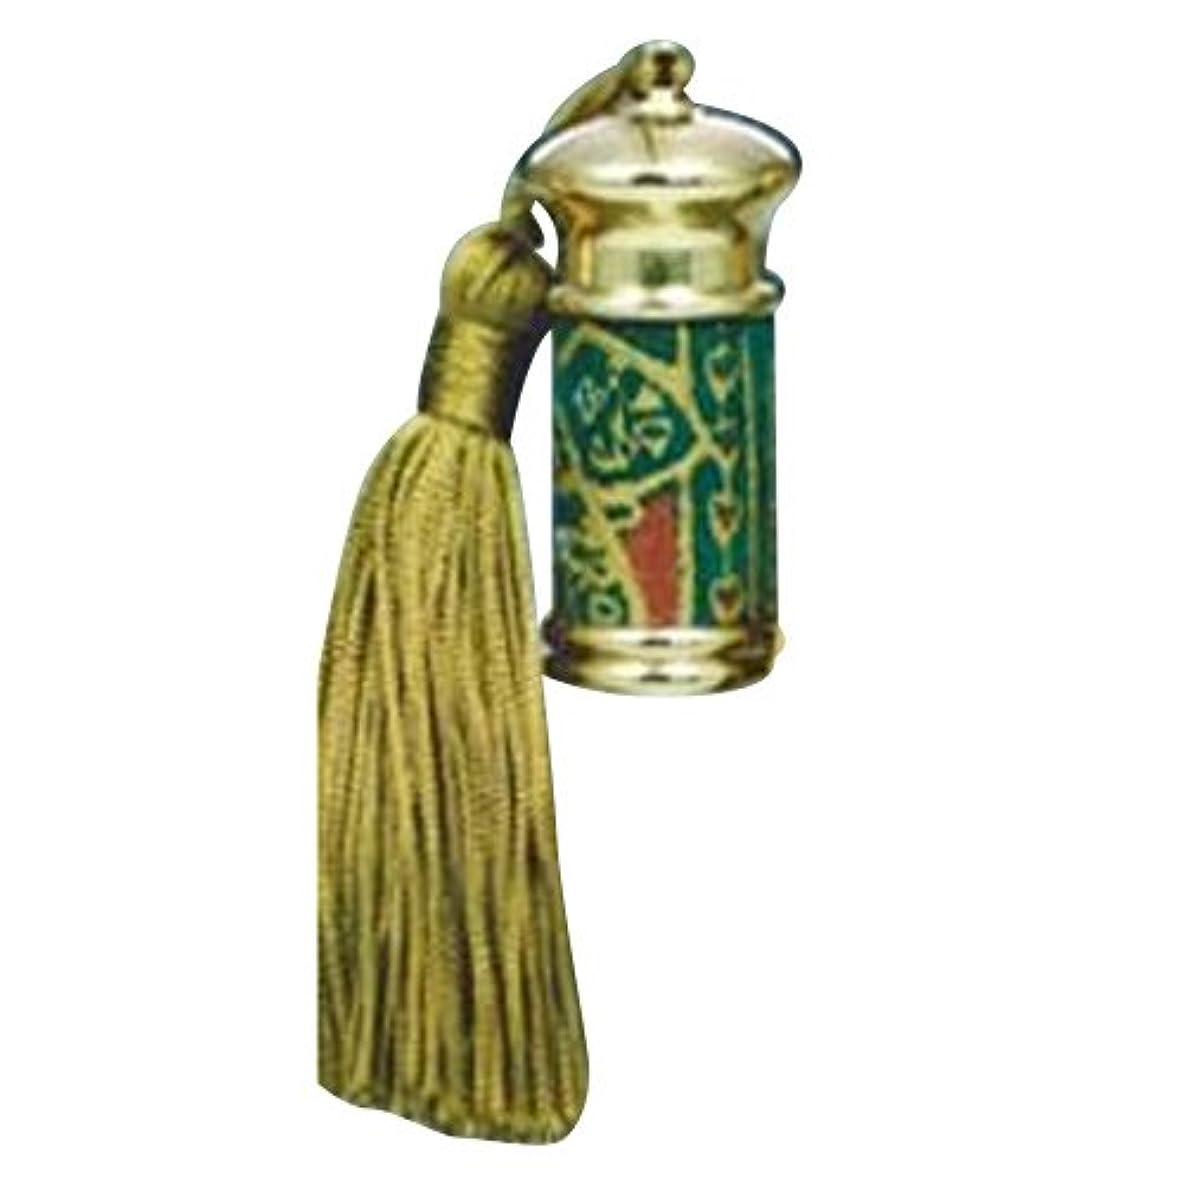 迫害する変な自分ヒロセアトマイザー エスニック レザー ボトル (真鍮 革巻き) 23012 GR (グリーン)